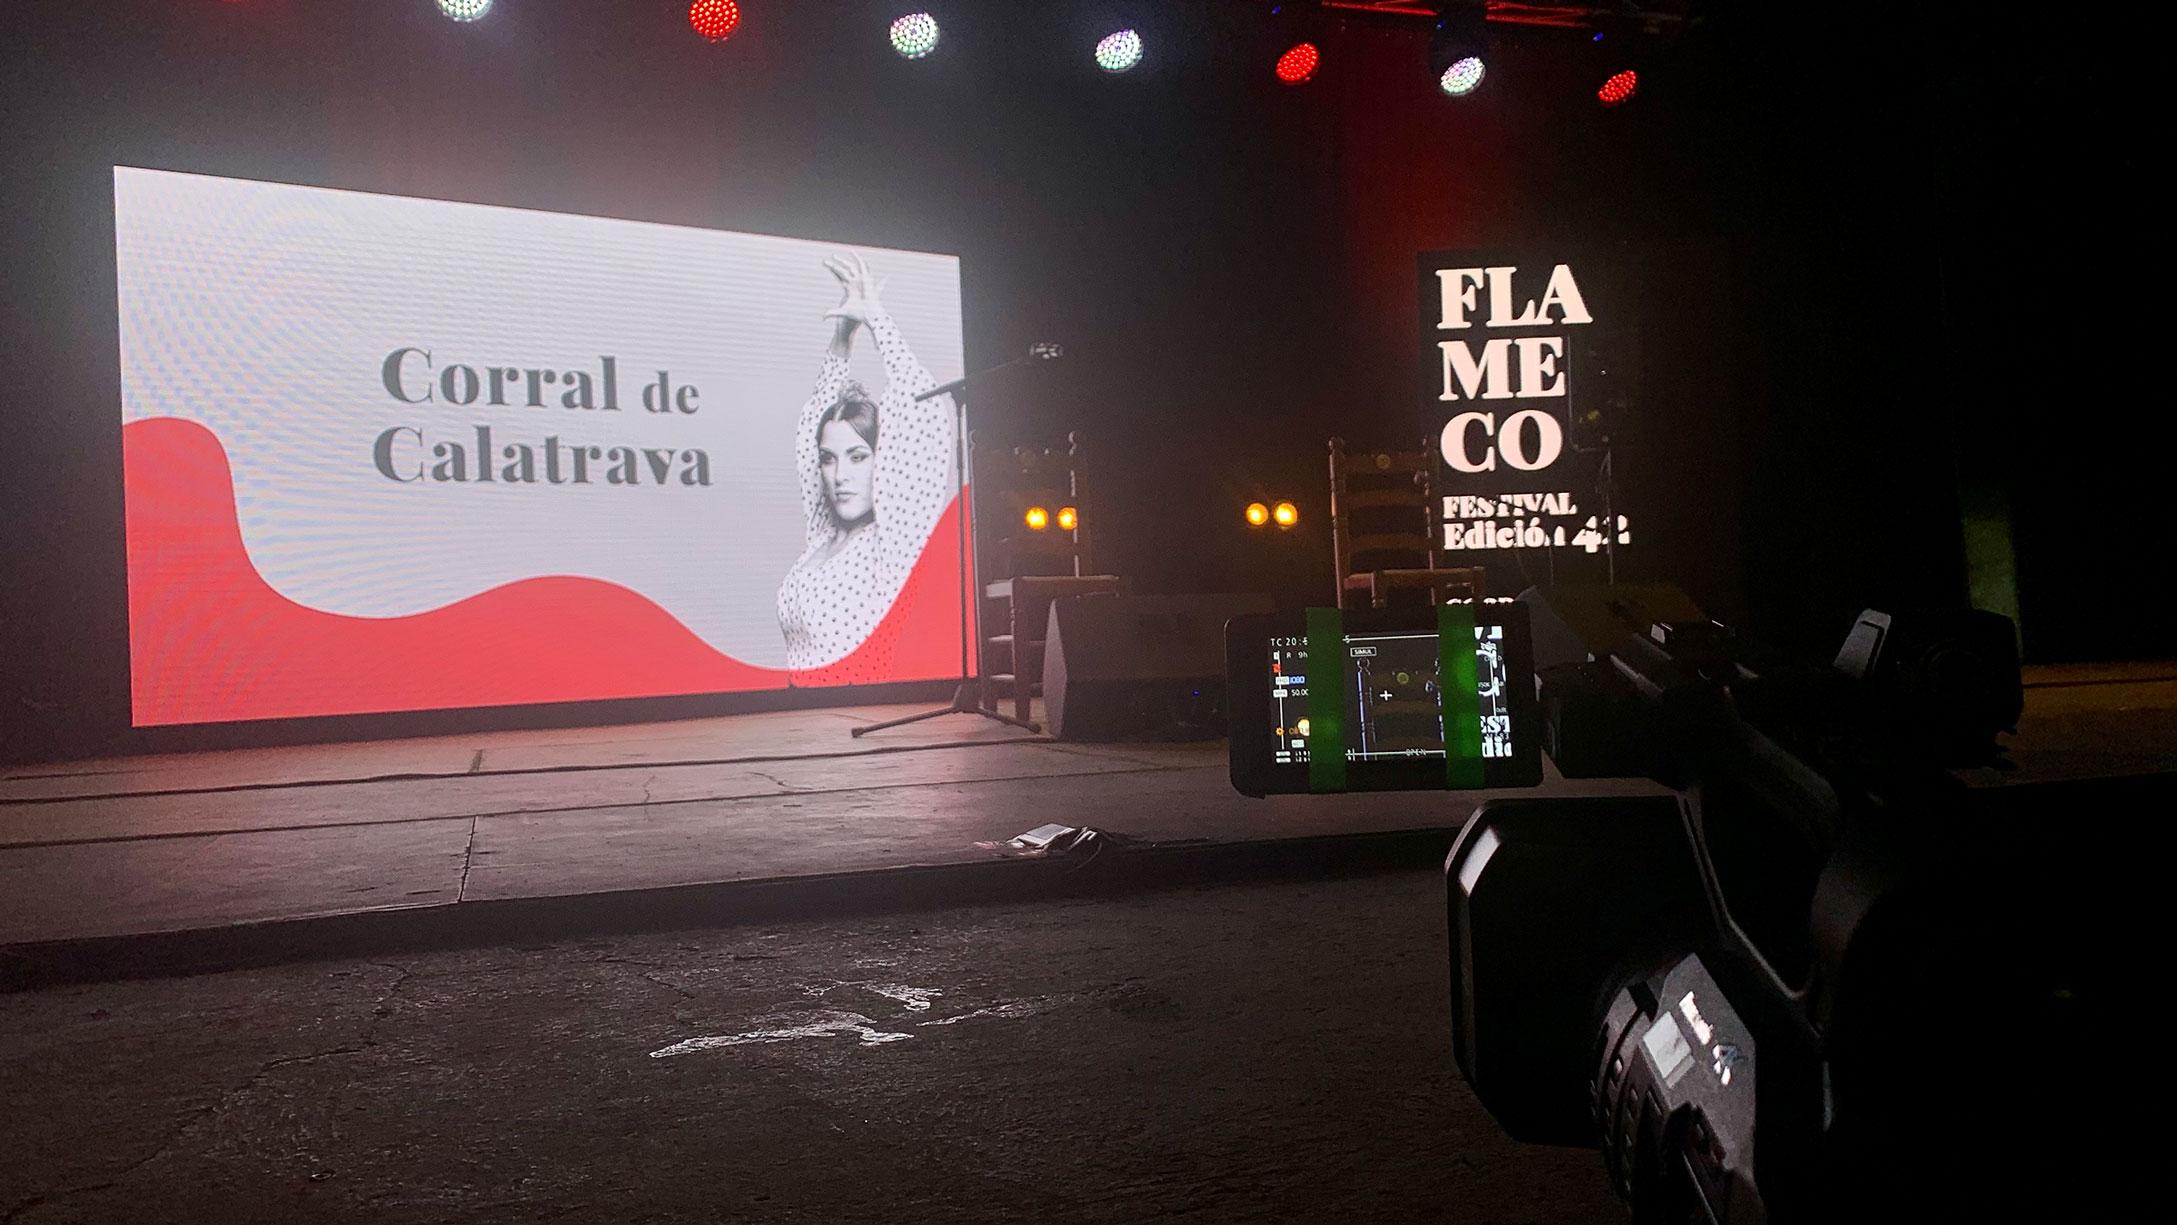 Festival_Flamenco_Corral_cva_2021_07